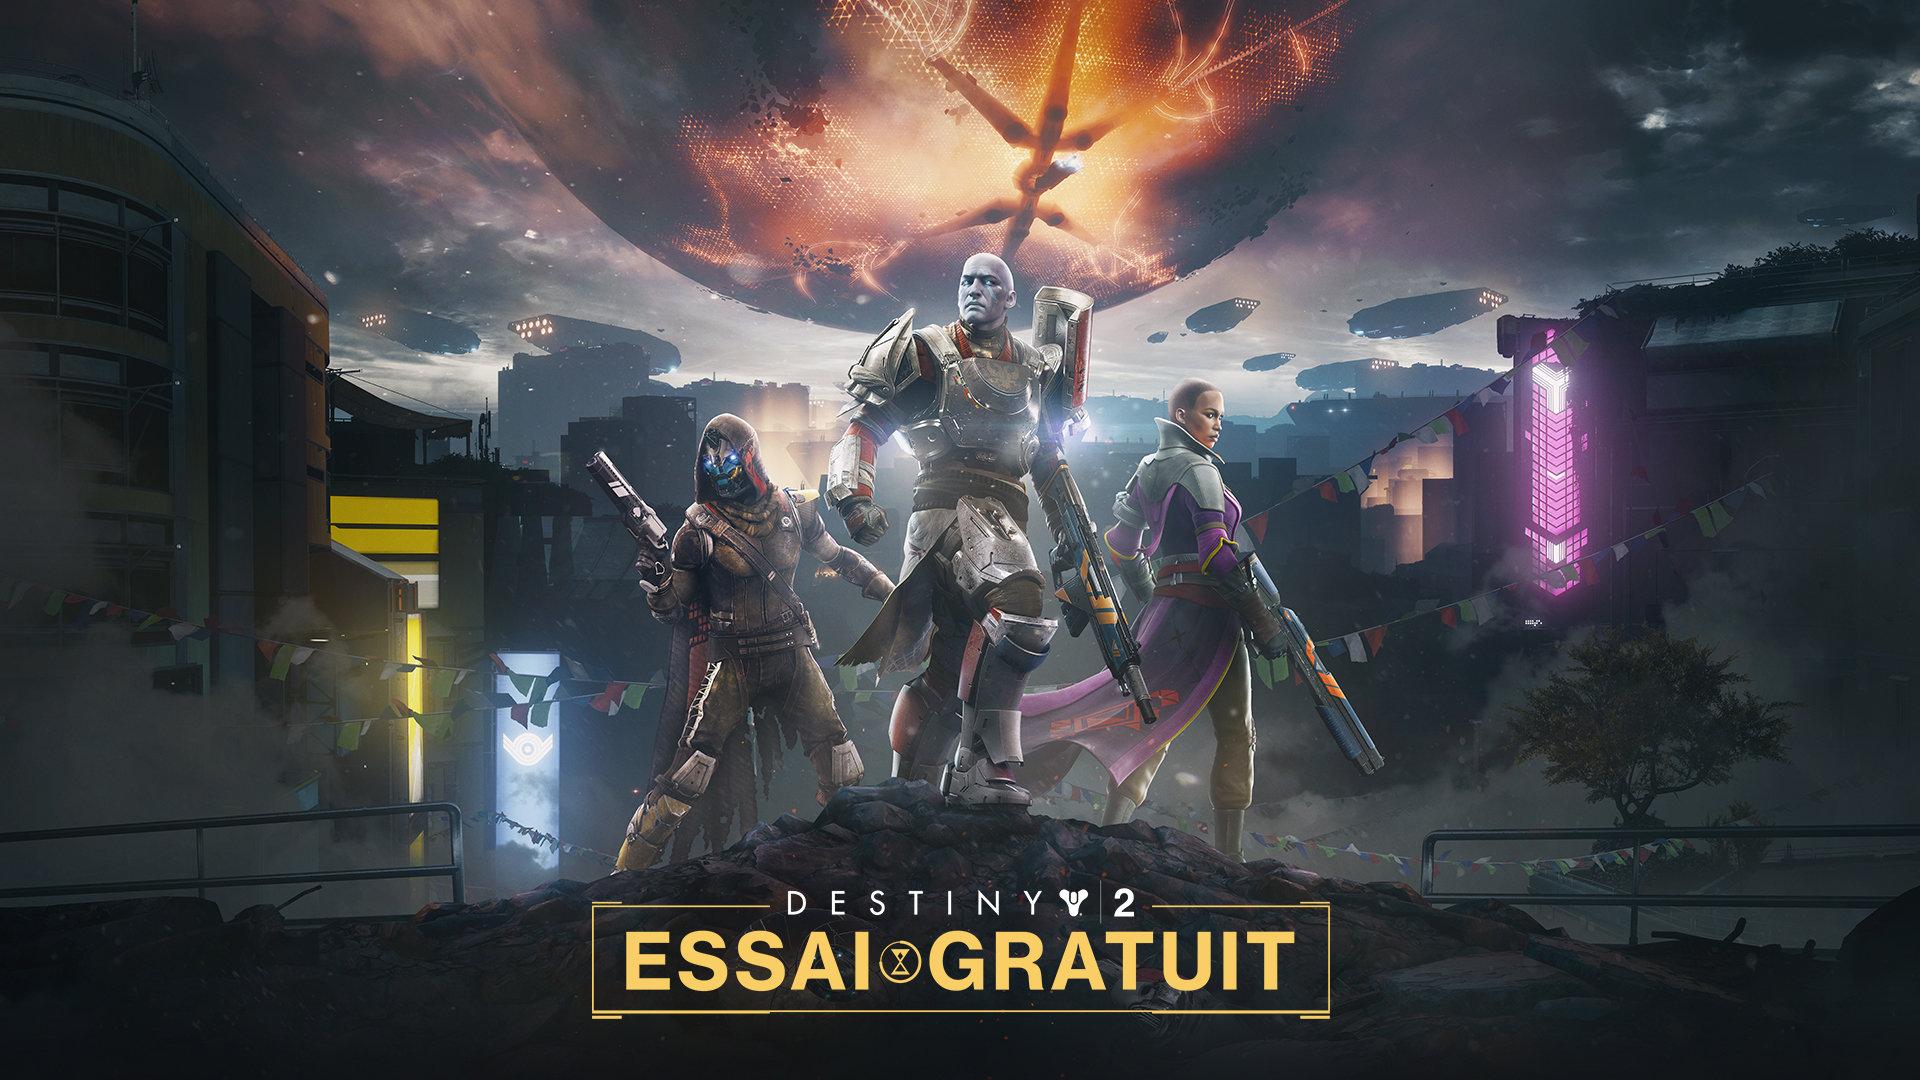 Destiny 2 Demo